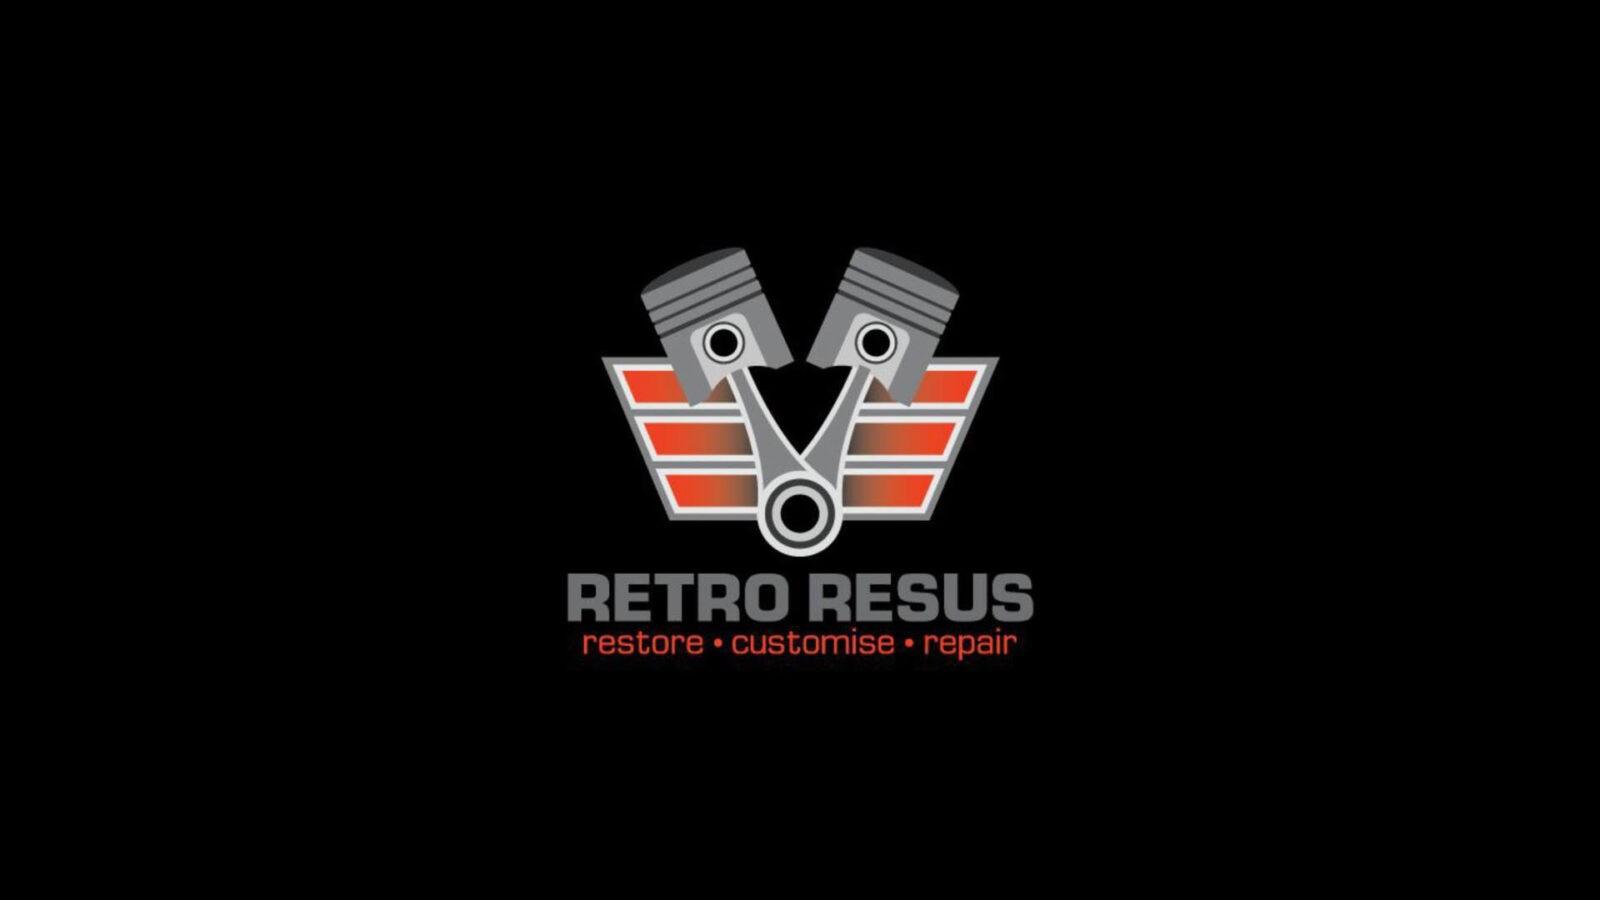 Retro Resus